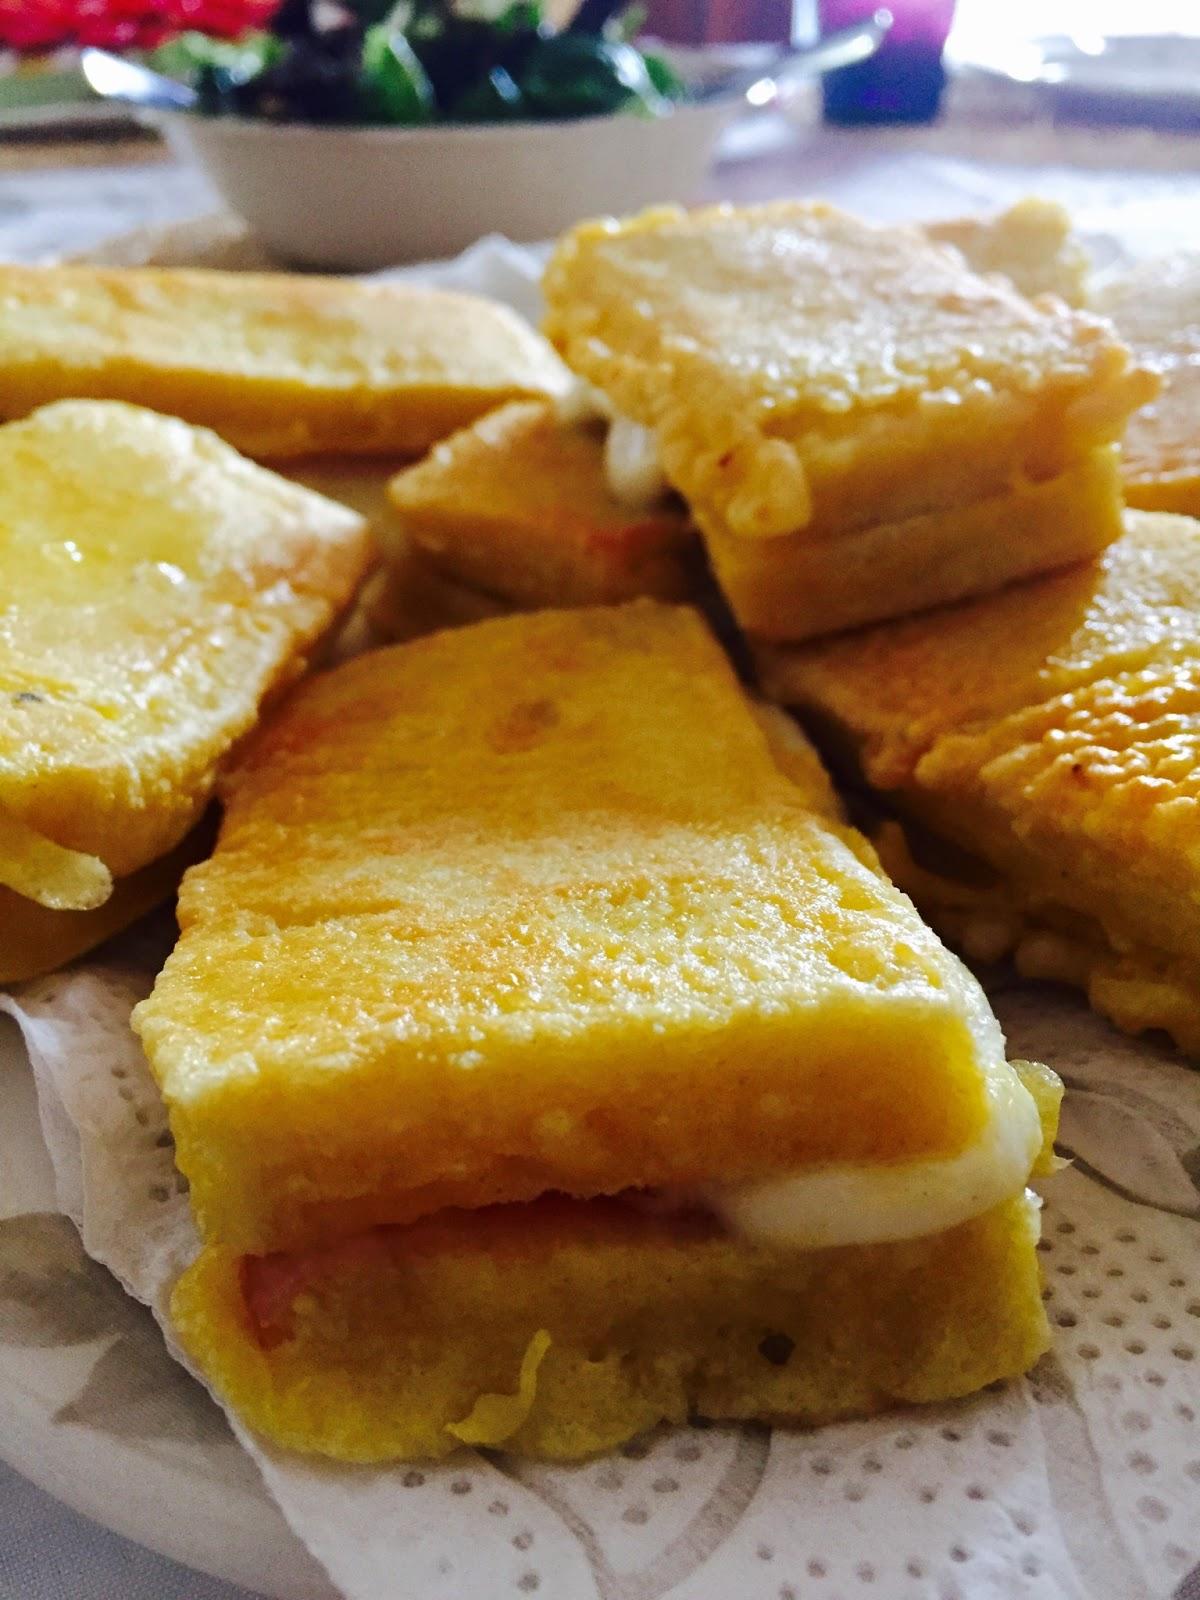 Passate i Sandwich nella pastella in questo modo non uscir la mozzarella durante la cottura e frig eli in abbondante olio caldo